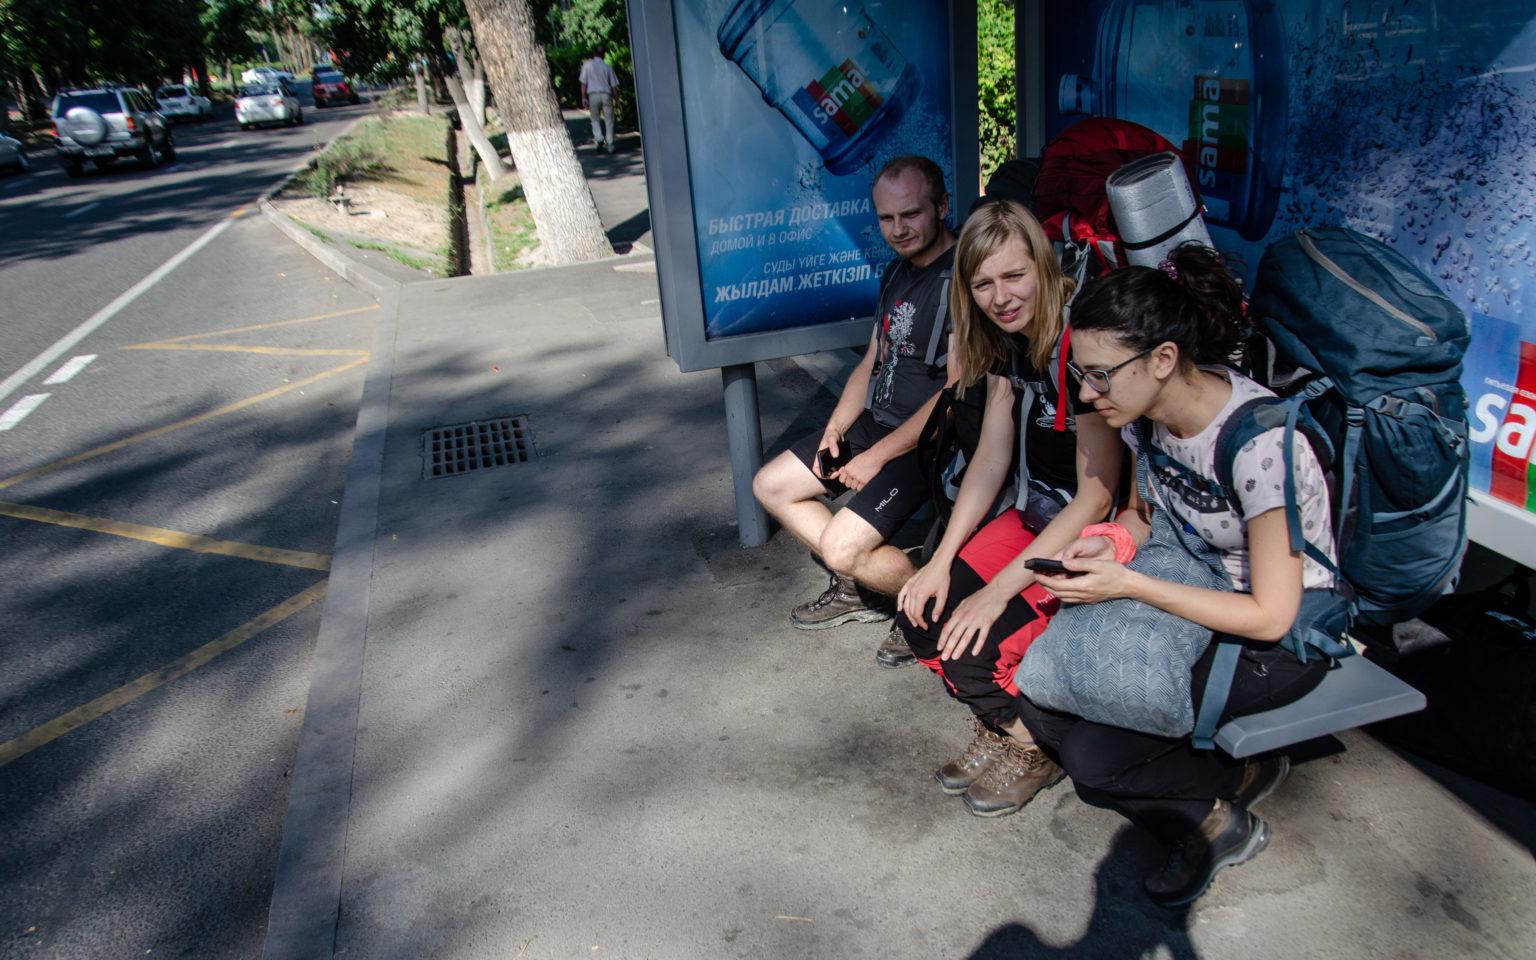 Trzy osoby siedzą z plecakami na przystanku autobusowym